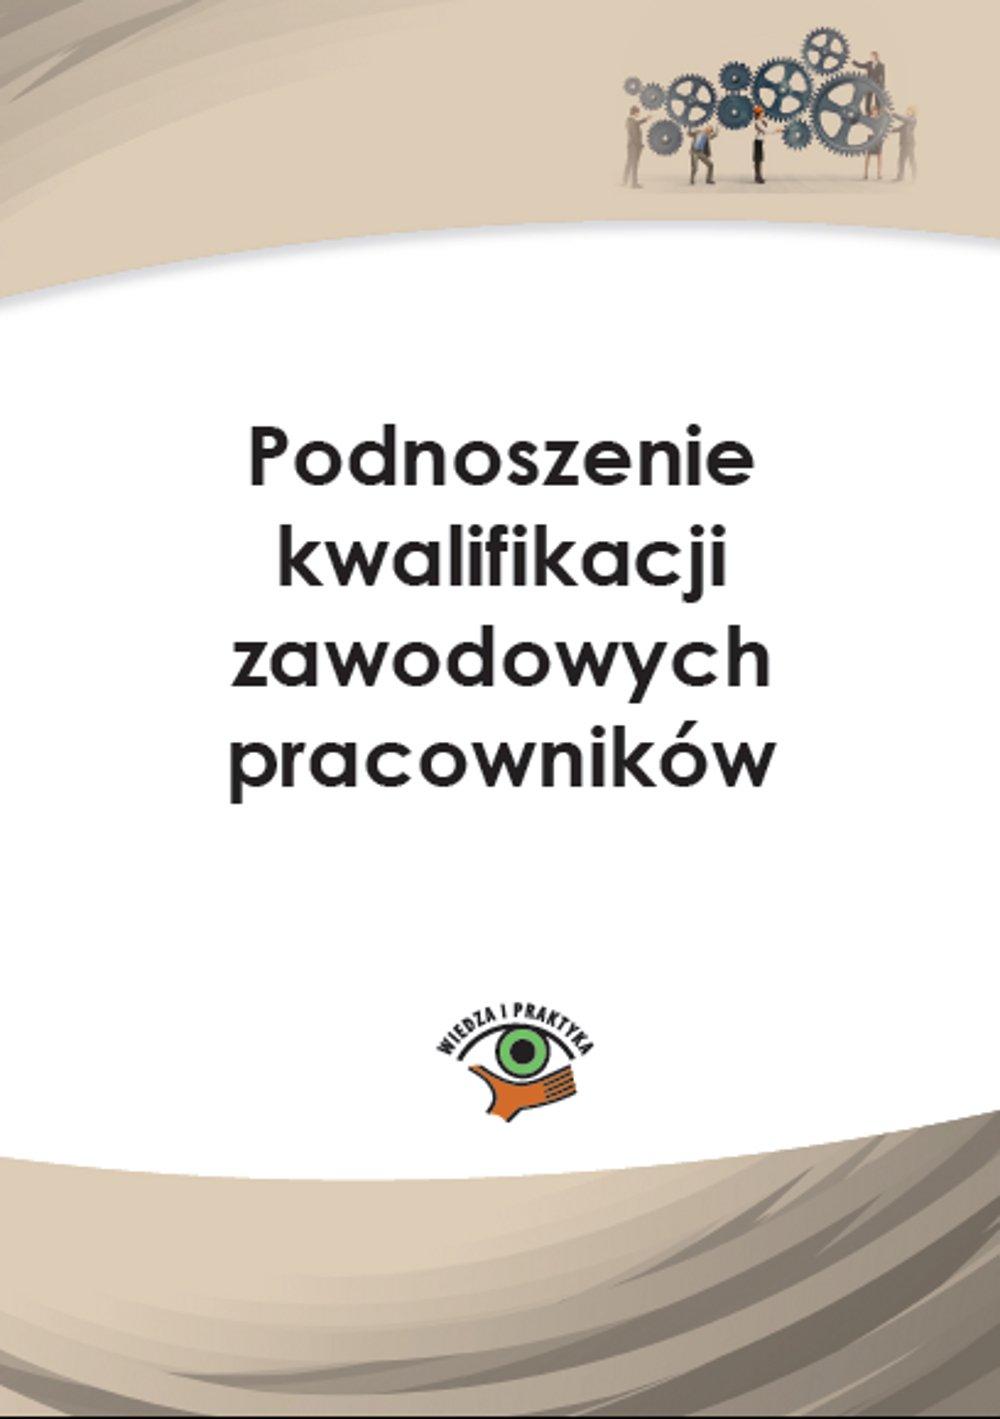 Podnoszenie kwalifikacji zawodowych pracowników - Ebook (Książka PDF) do pobrania w formacie PDF